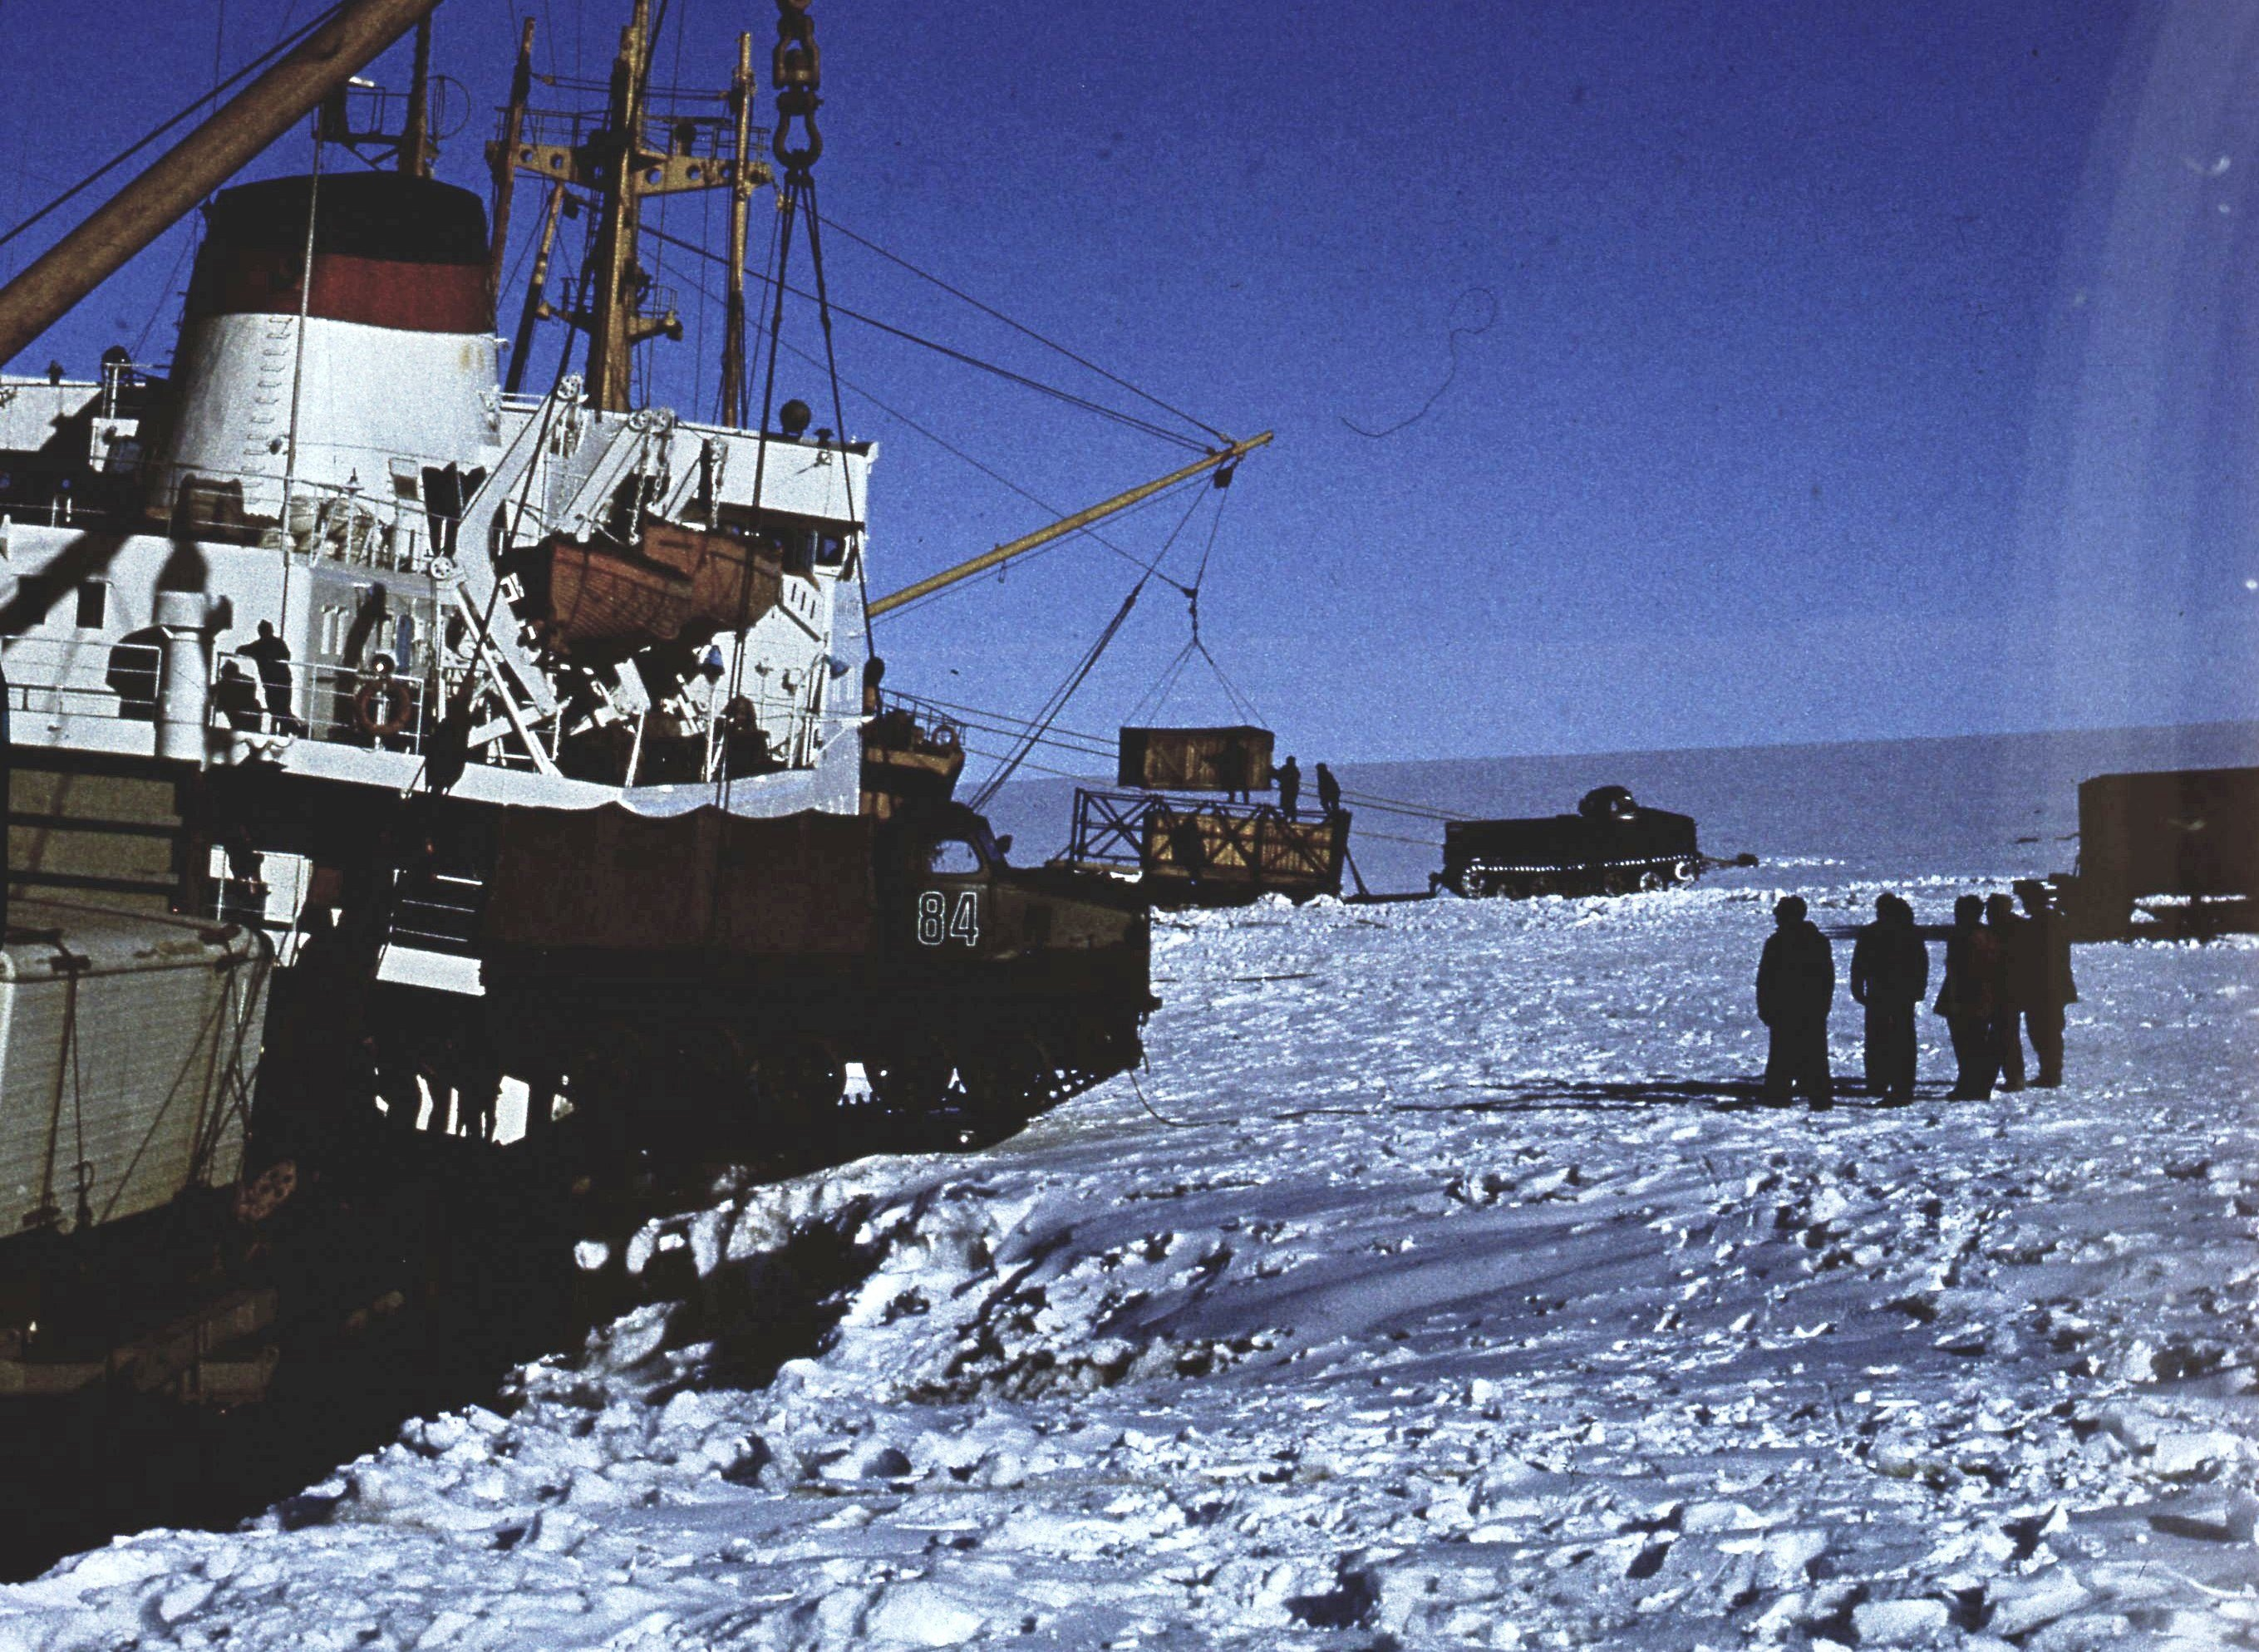 829753 Антарктическая станция _Молодёжная_.jpg